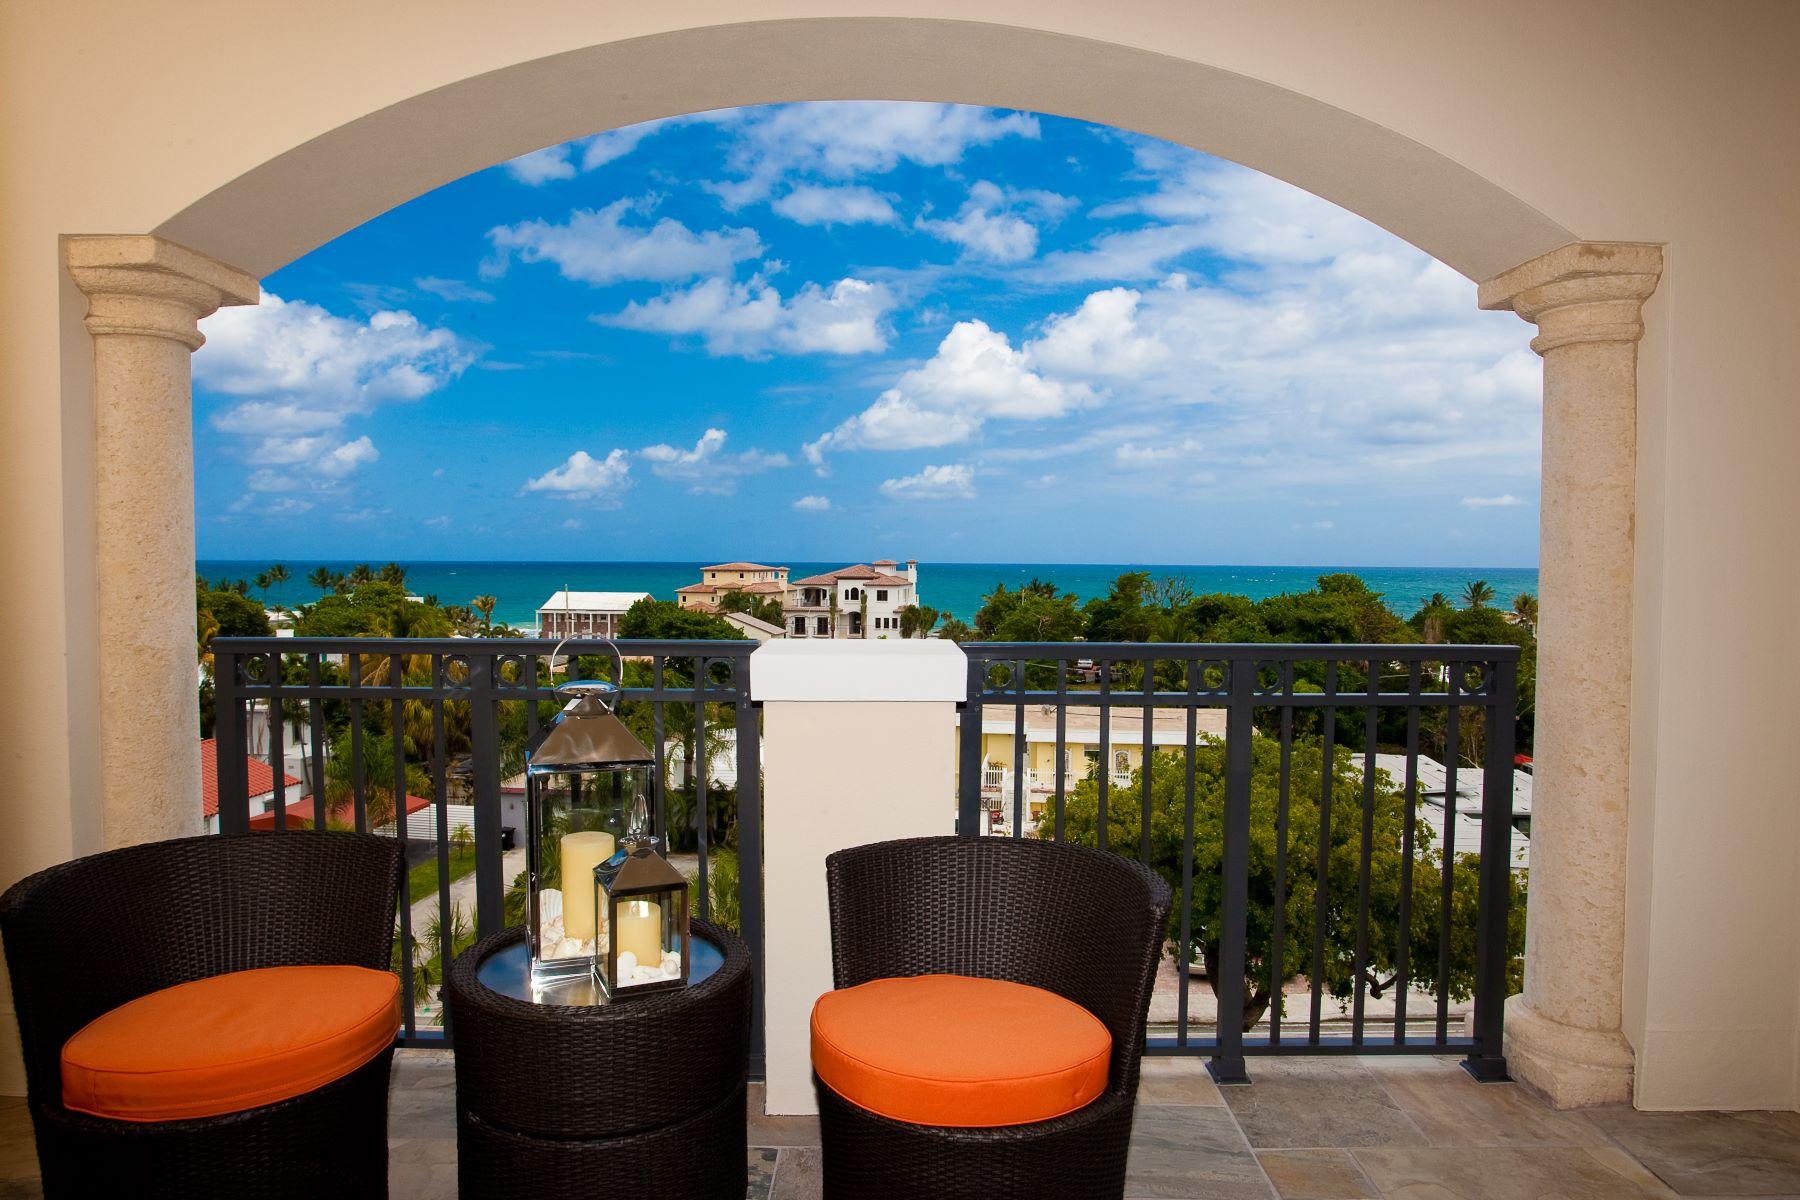 独户住宅 为 销售 在 2409 N Ocean Blvd #526 2409 N Ocean Blvd 526, 劳德代尔堡, 佛罗里达州, 33305 美国